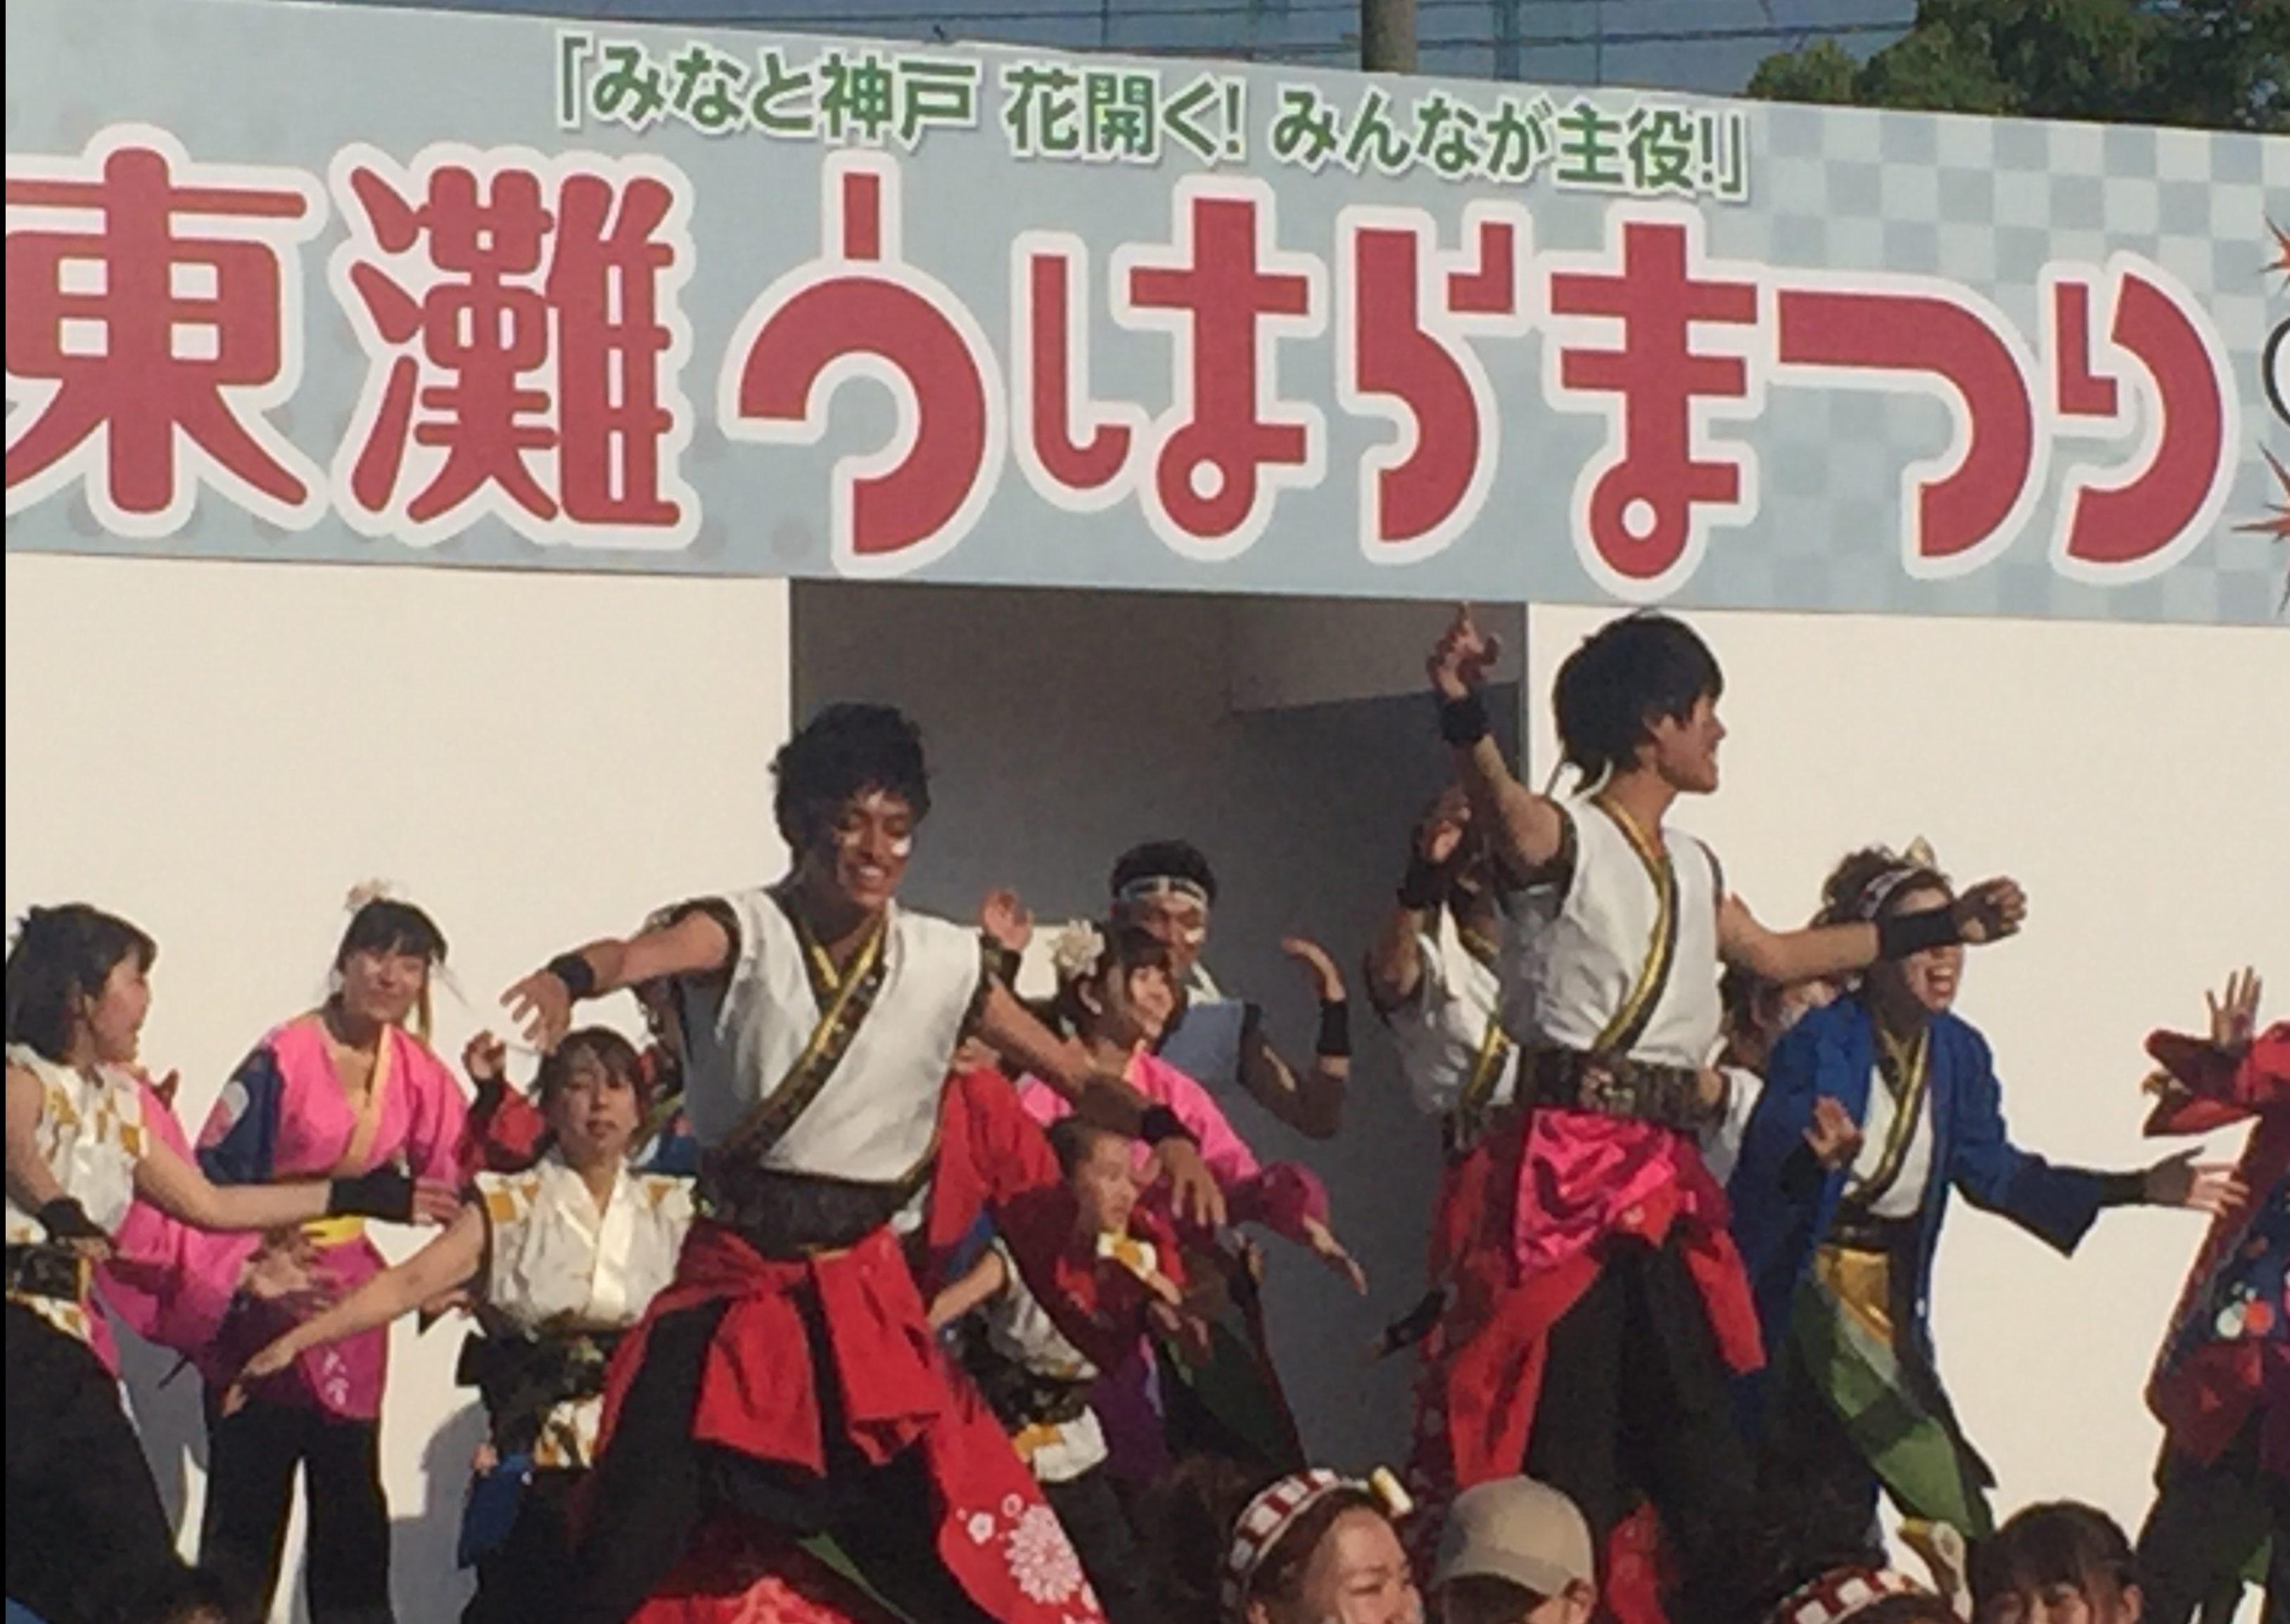 「東灘うはらまつり2017」5/20に開催された様子をご紹介!【※よさこい踊り写真付】